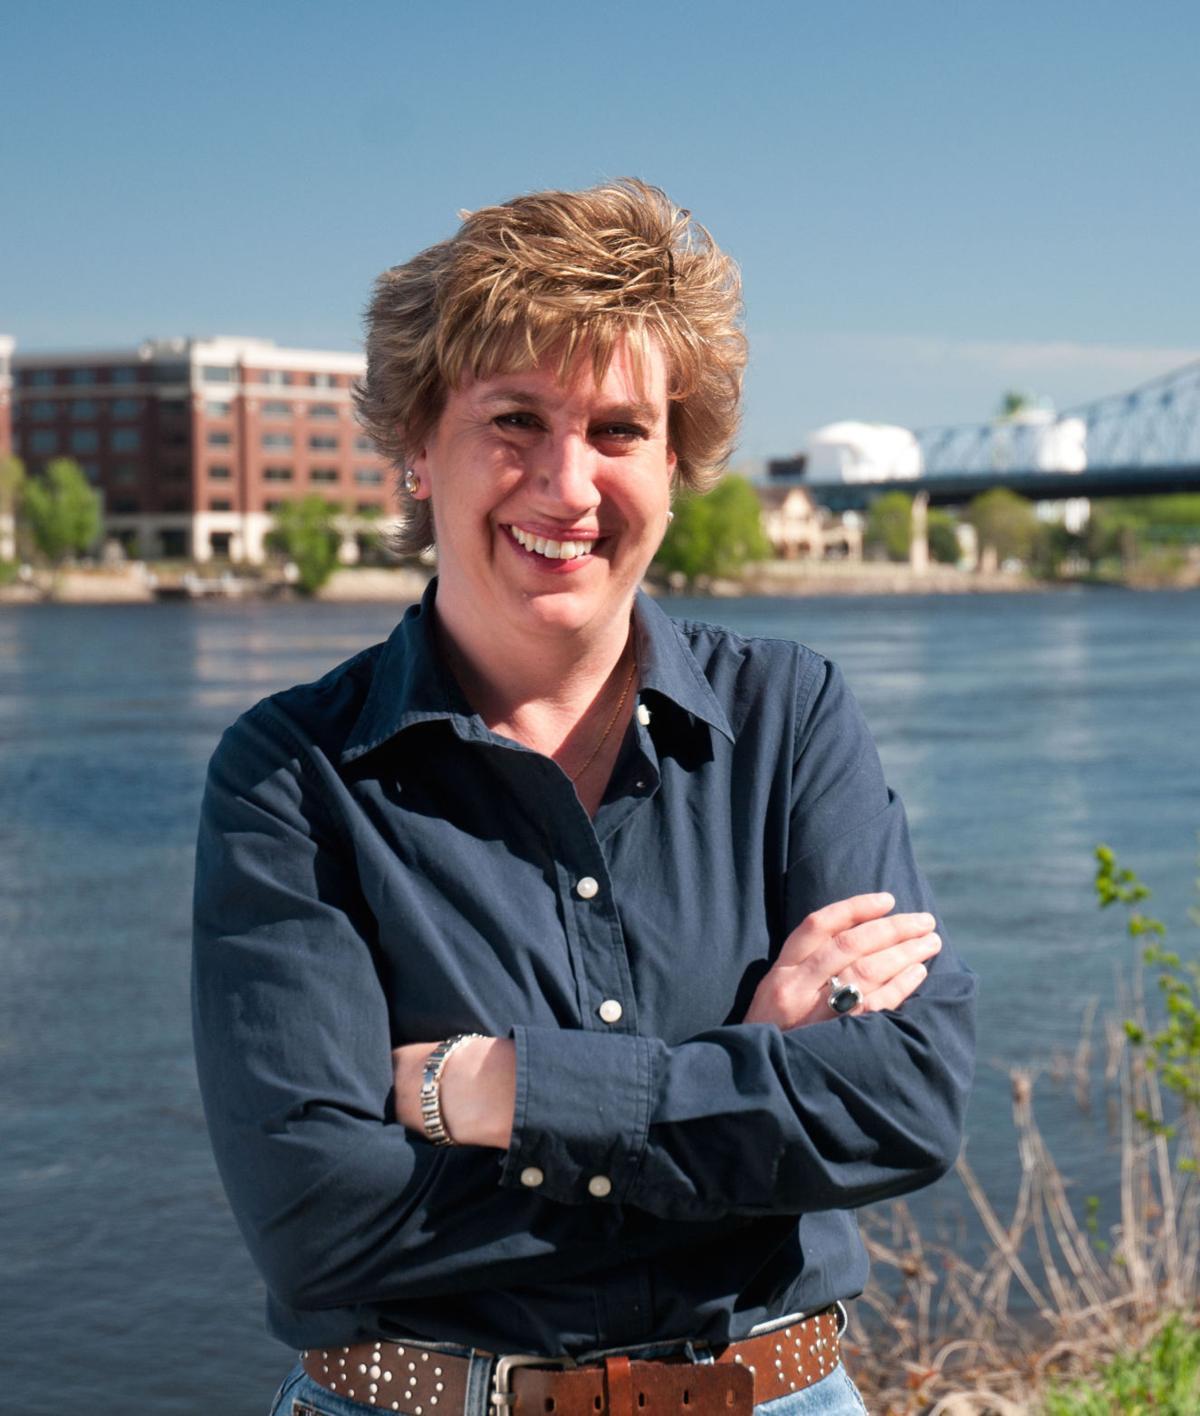 Sen. Jennifer Shilling